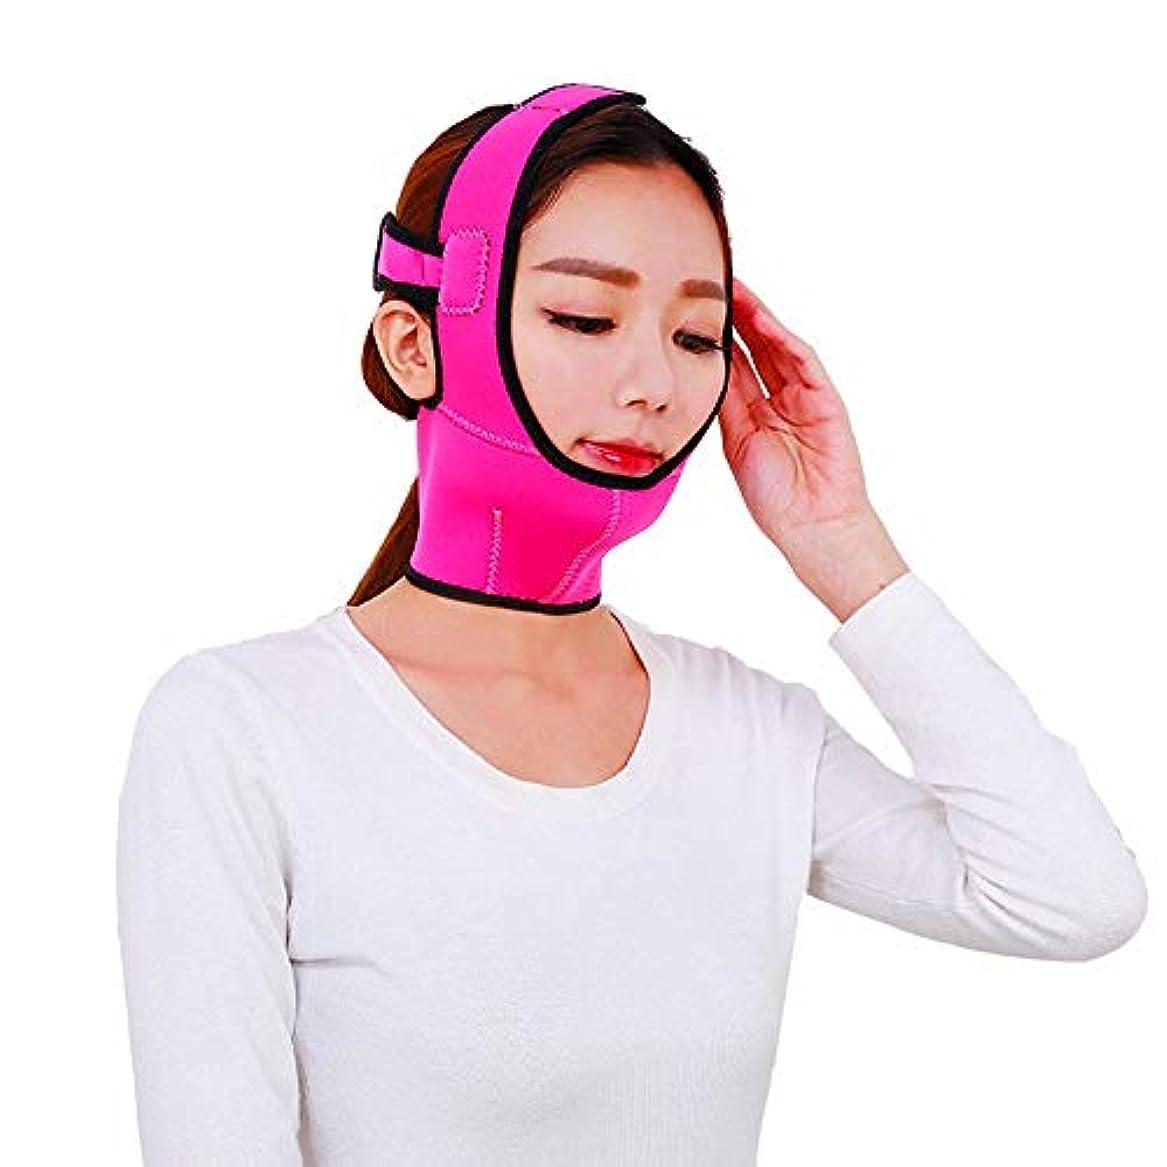 倫理的許容できる童謡フェイスリフトベルト 顔を持ち上げるベルト通気性の顔面リフティング包帯ダブルチン顔面リフティングマスクを締めるV顔面顔面リフレッシングツール